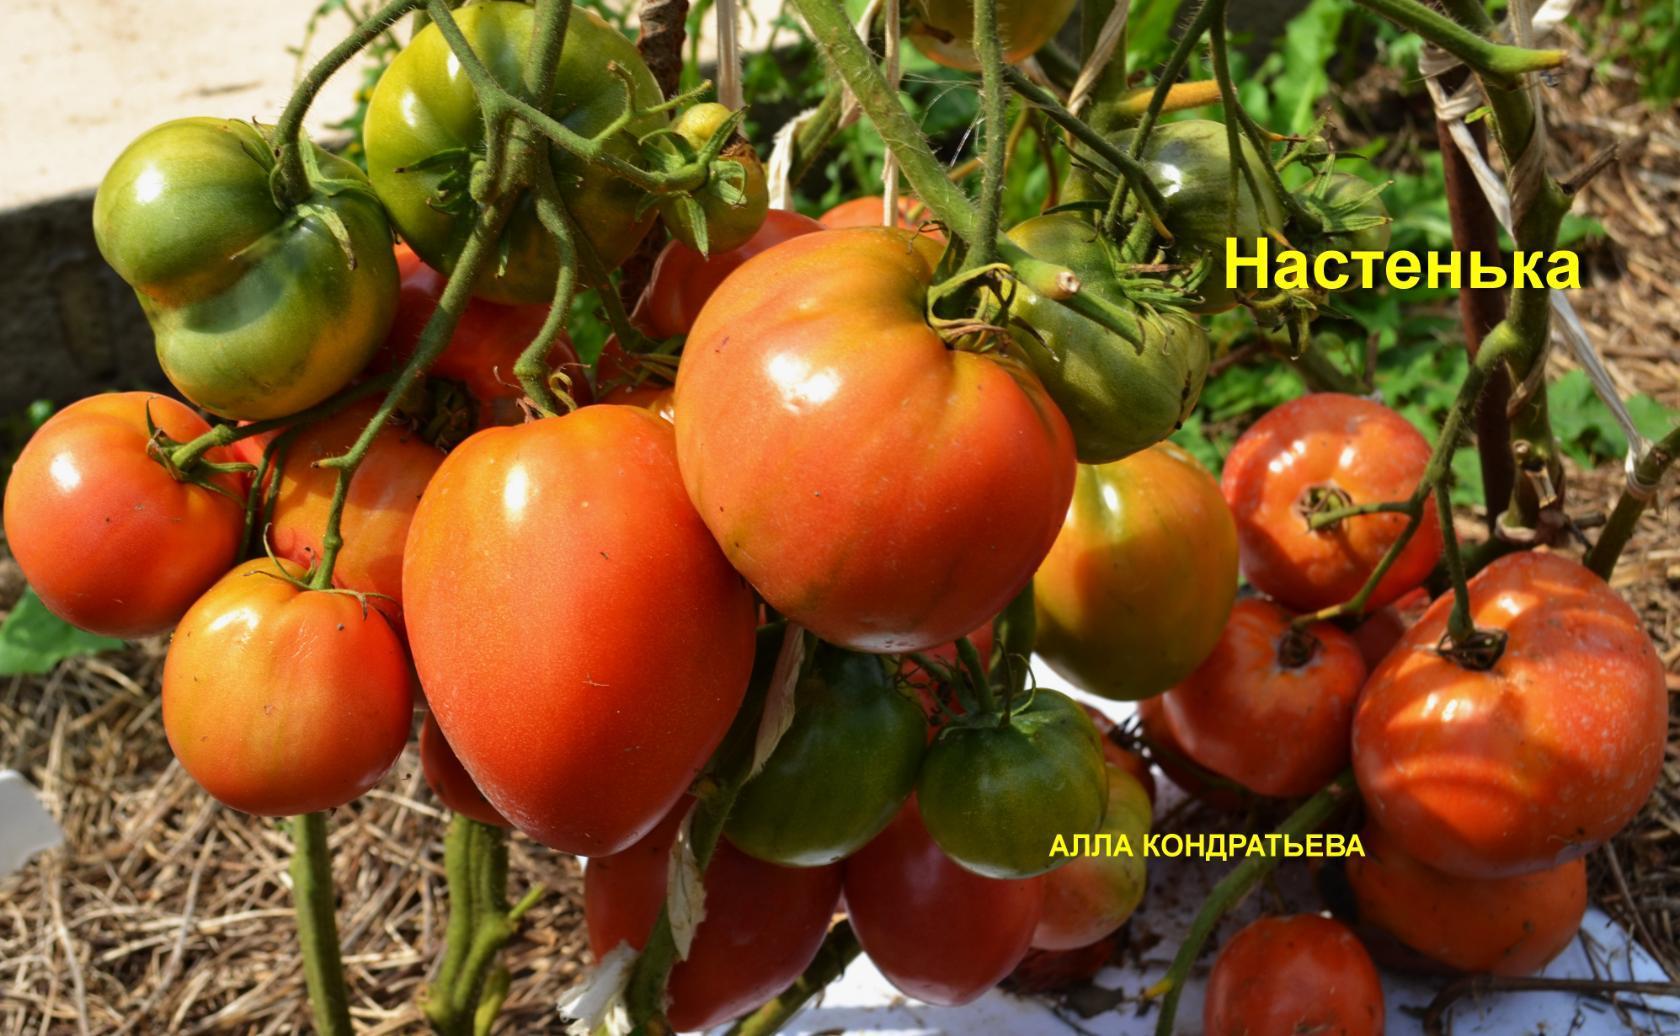 Томат настенька – характеристика и описание сорта, фото, урожайность, достоинства, недостатки, отзывы